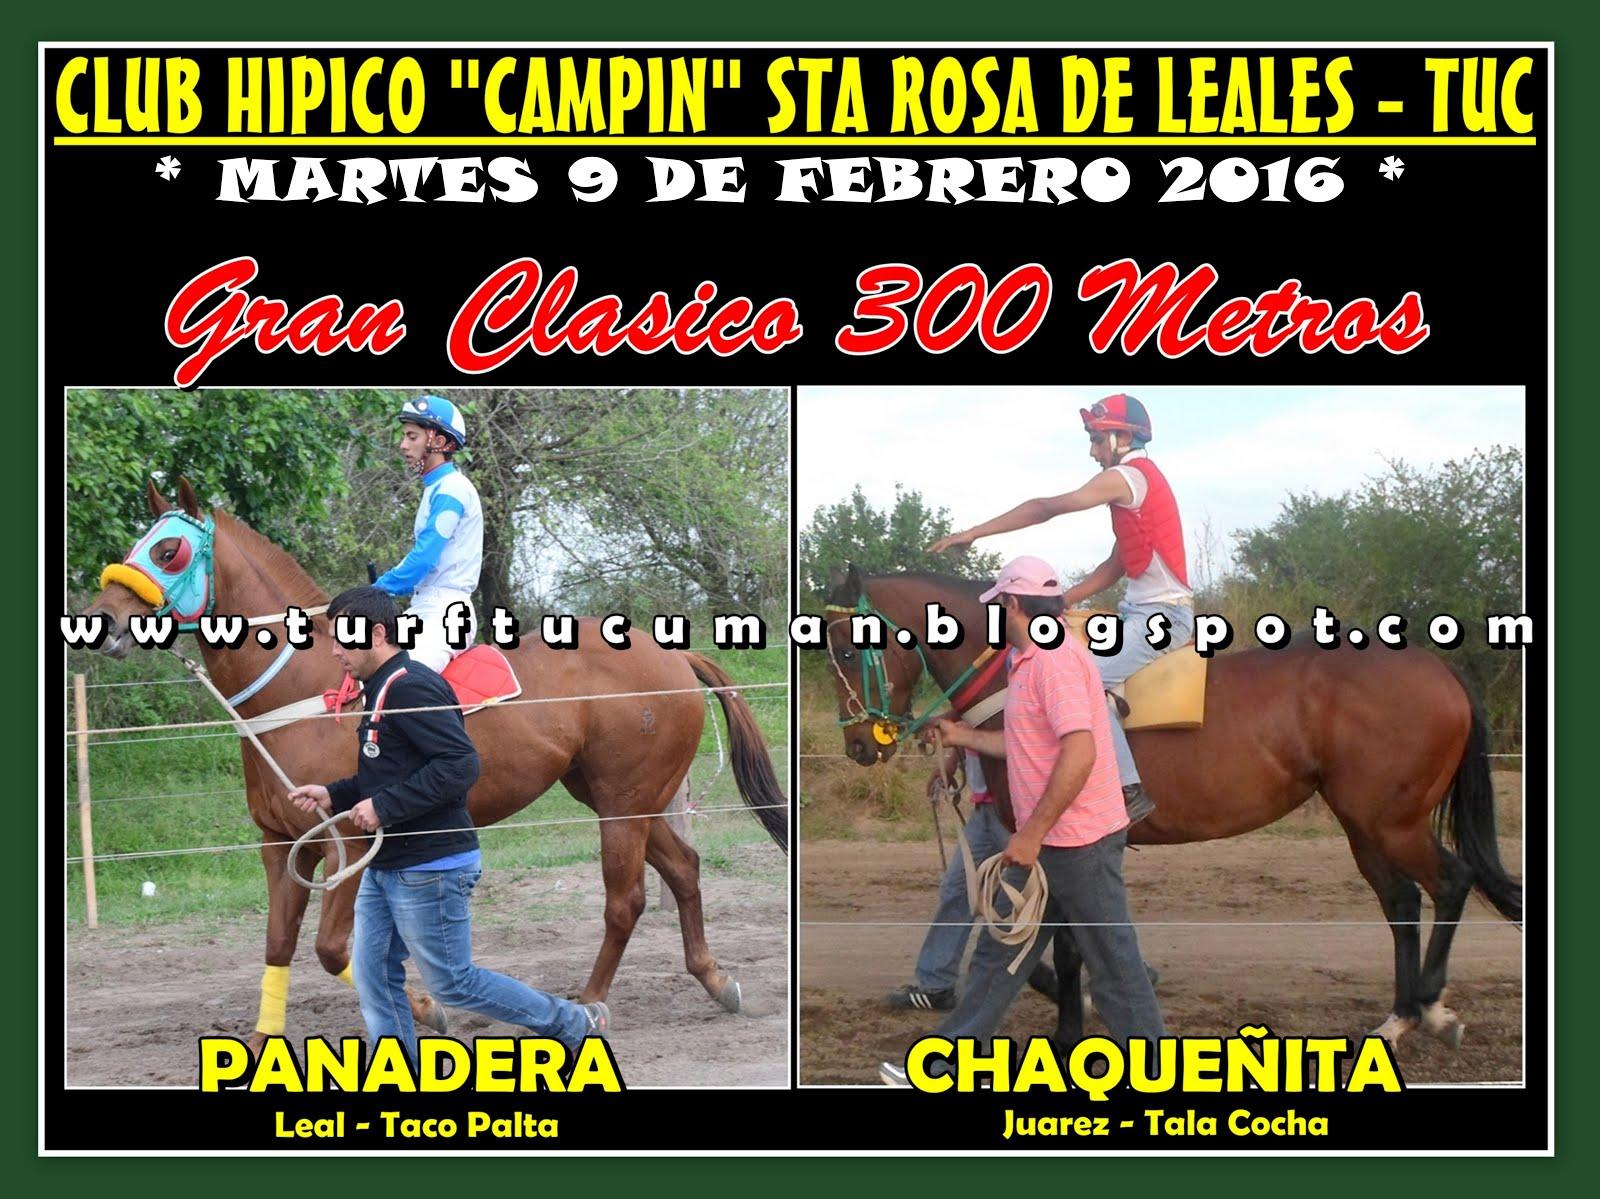 PANADERA VS CHAQUEÑA